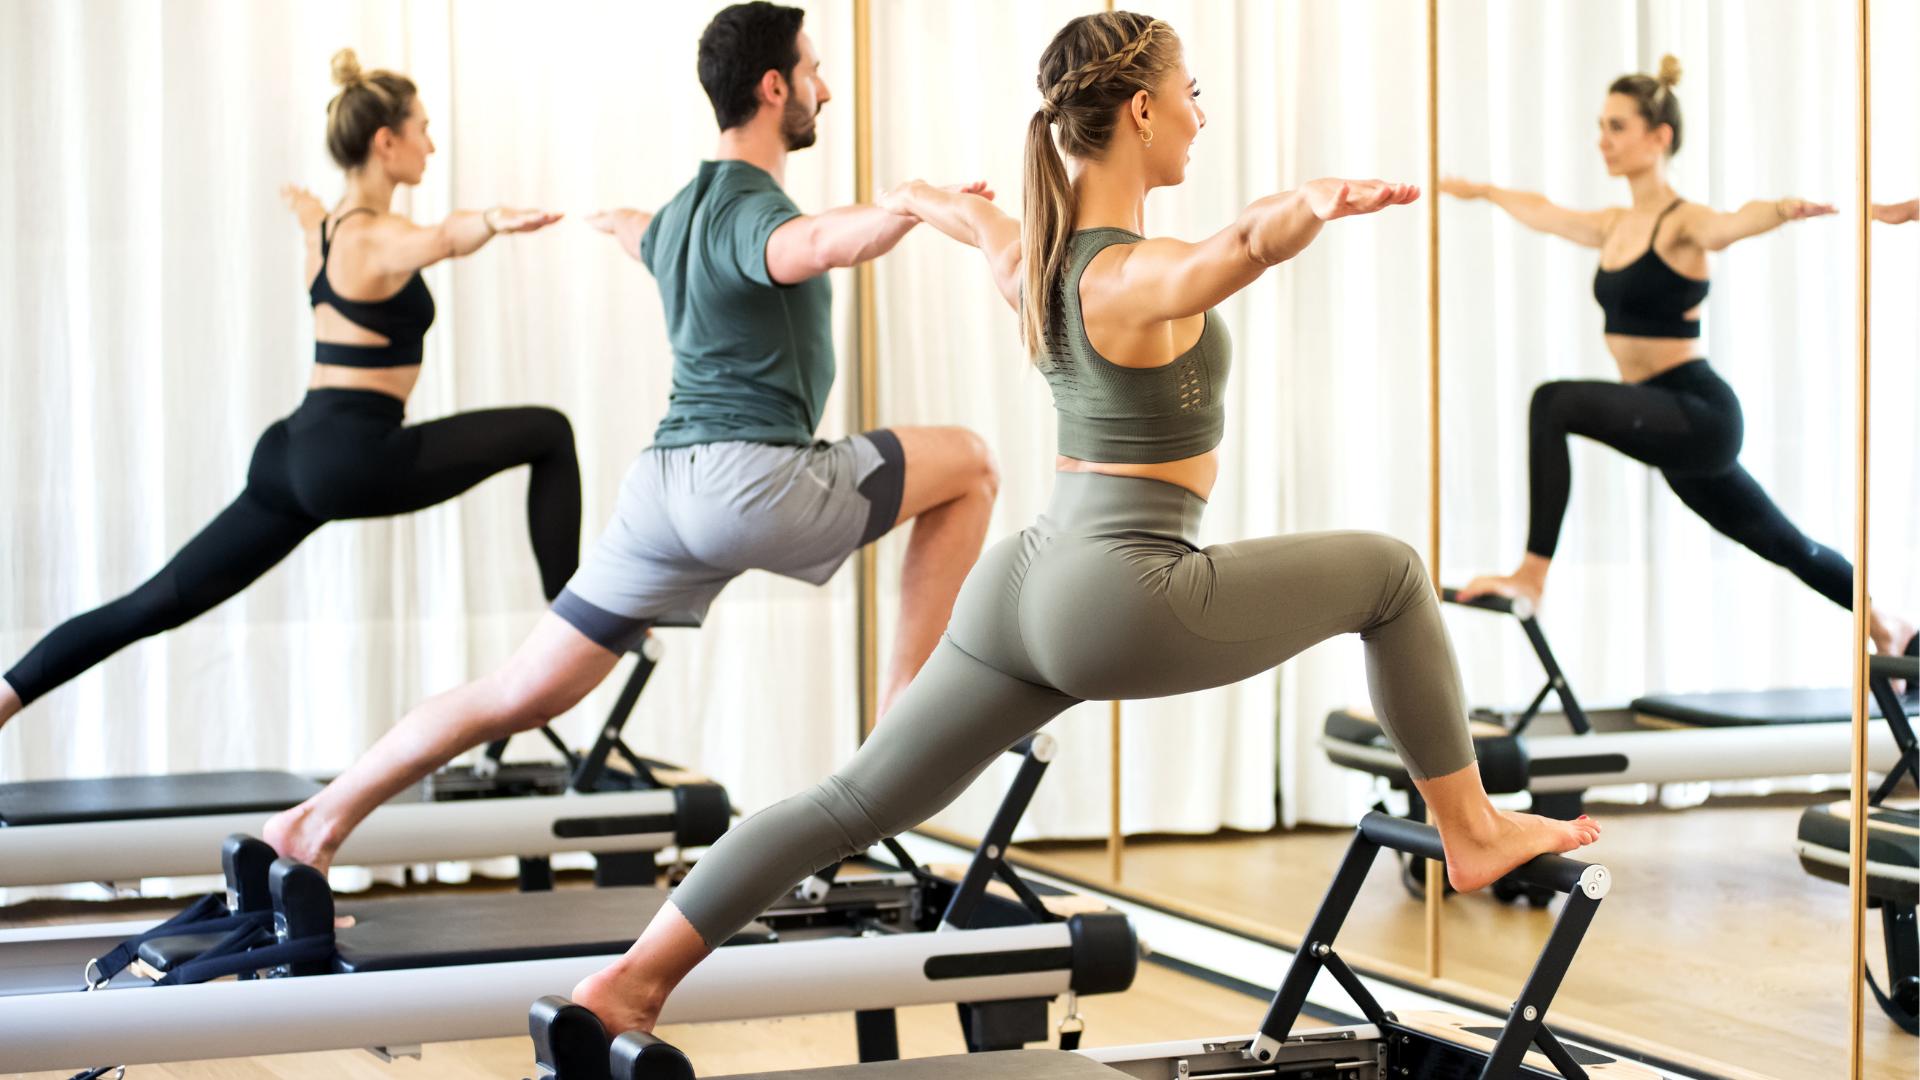 Đau vùng thắt lưng là một trong những triệu chứng ảnh hưởng đến sức khỏe của bạn sau này